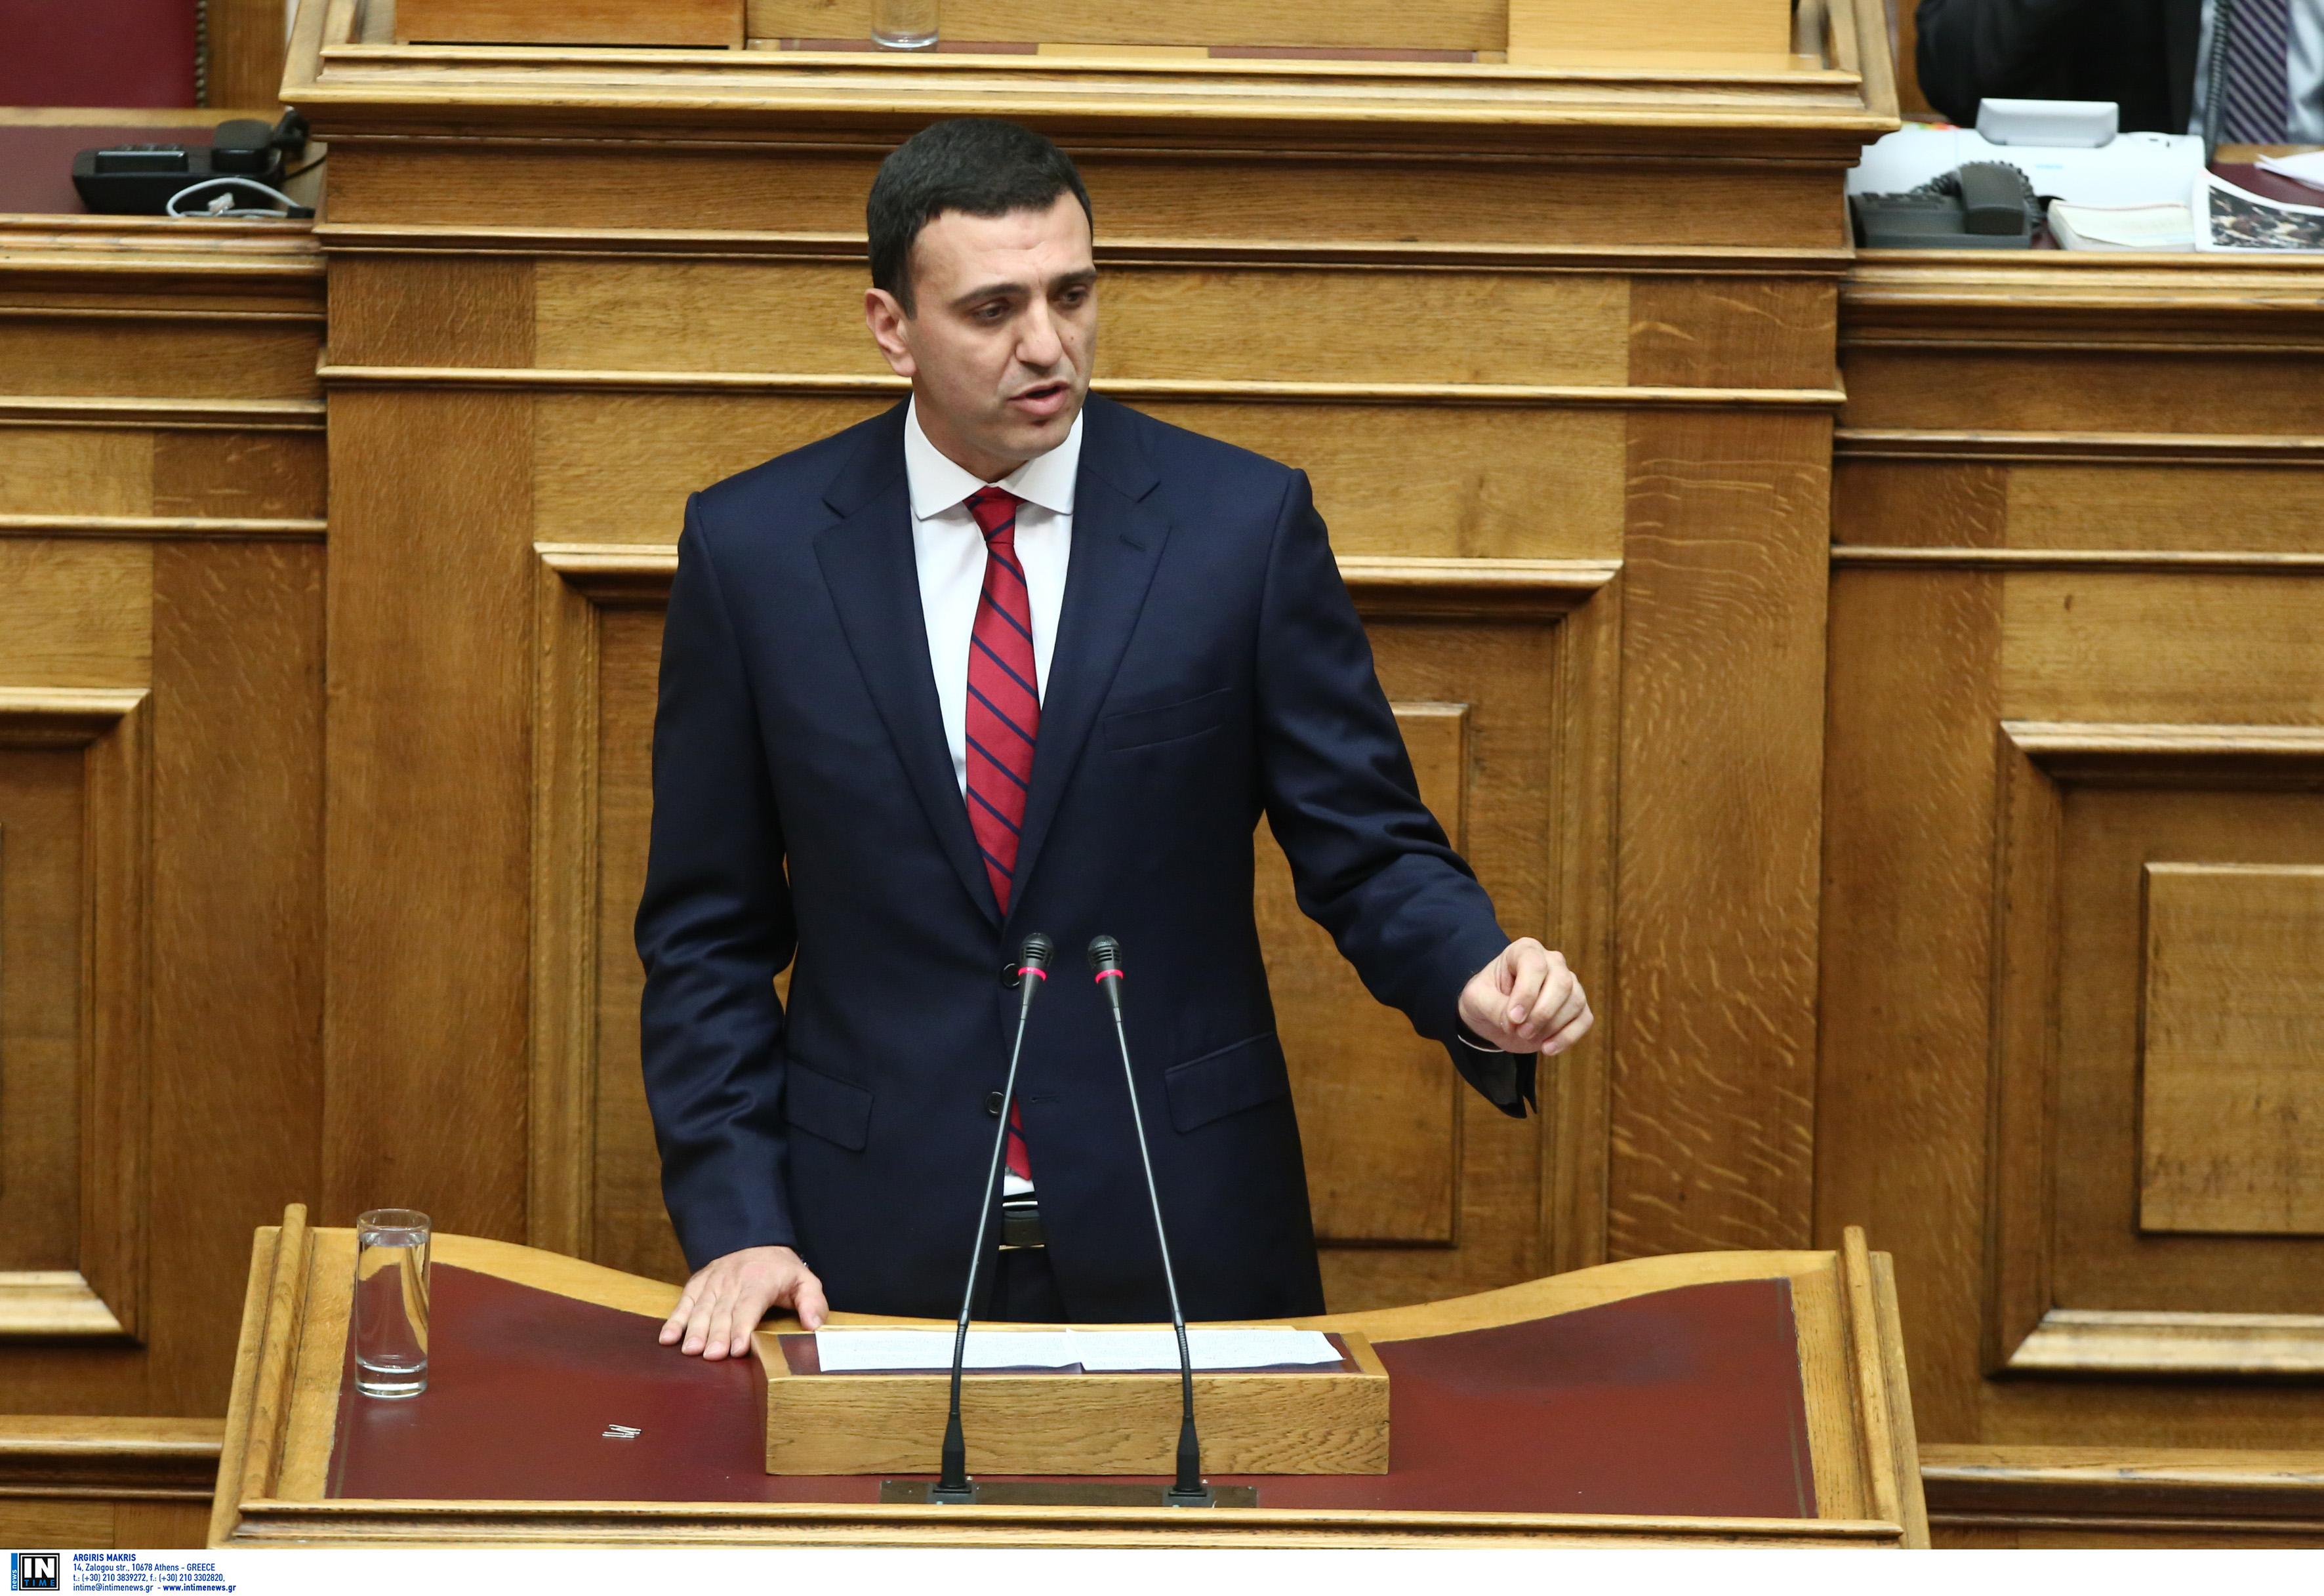 Κικίλιας: Υπεύθυνη για την κατάσταση στα εθνικά θέματα η κυβέρνηση   tovima.gr